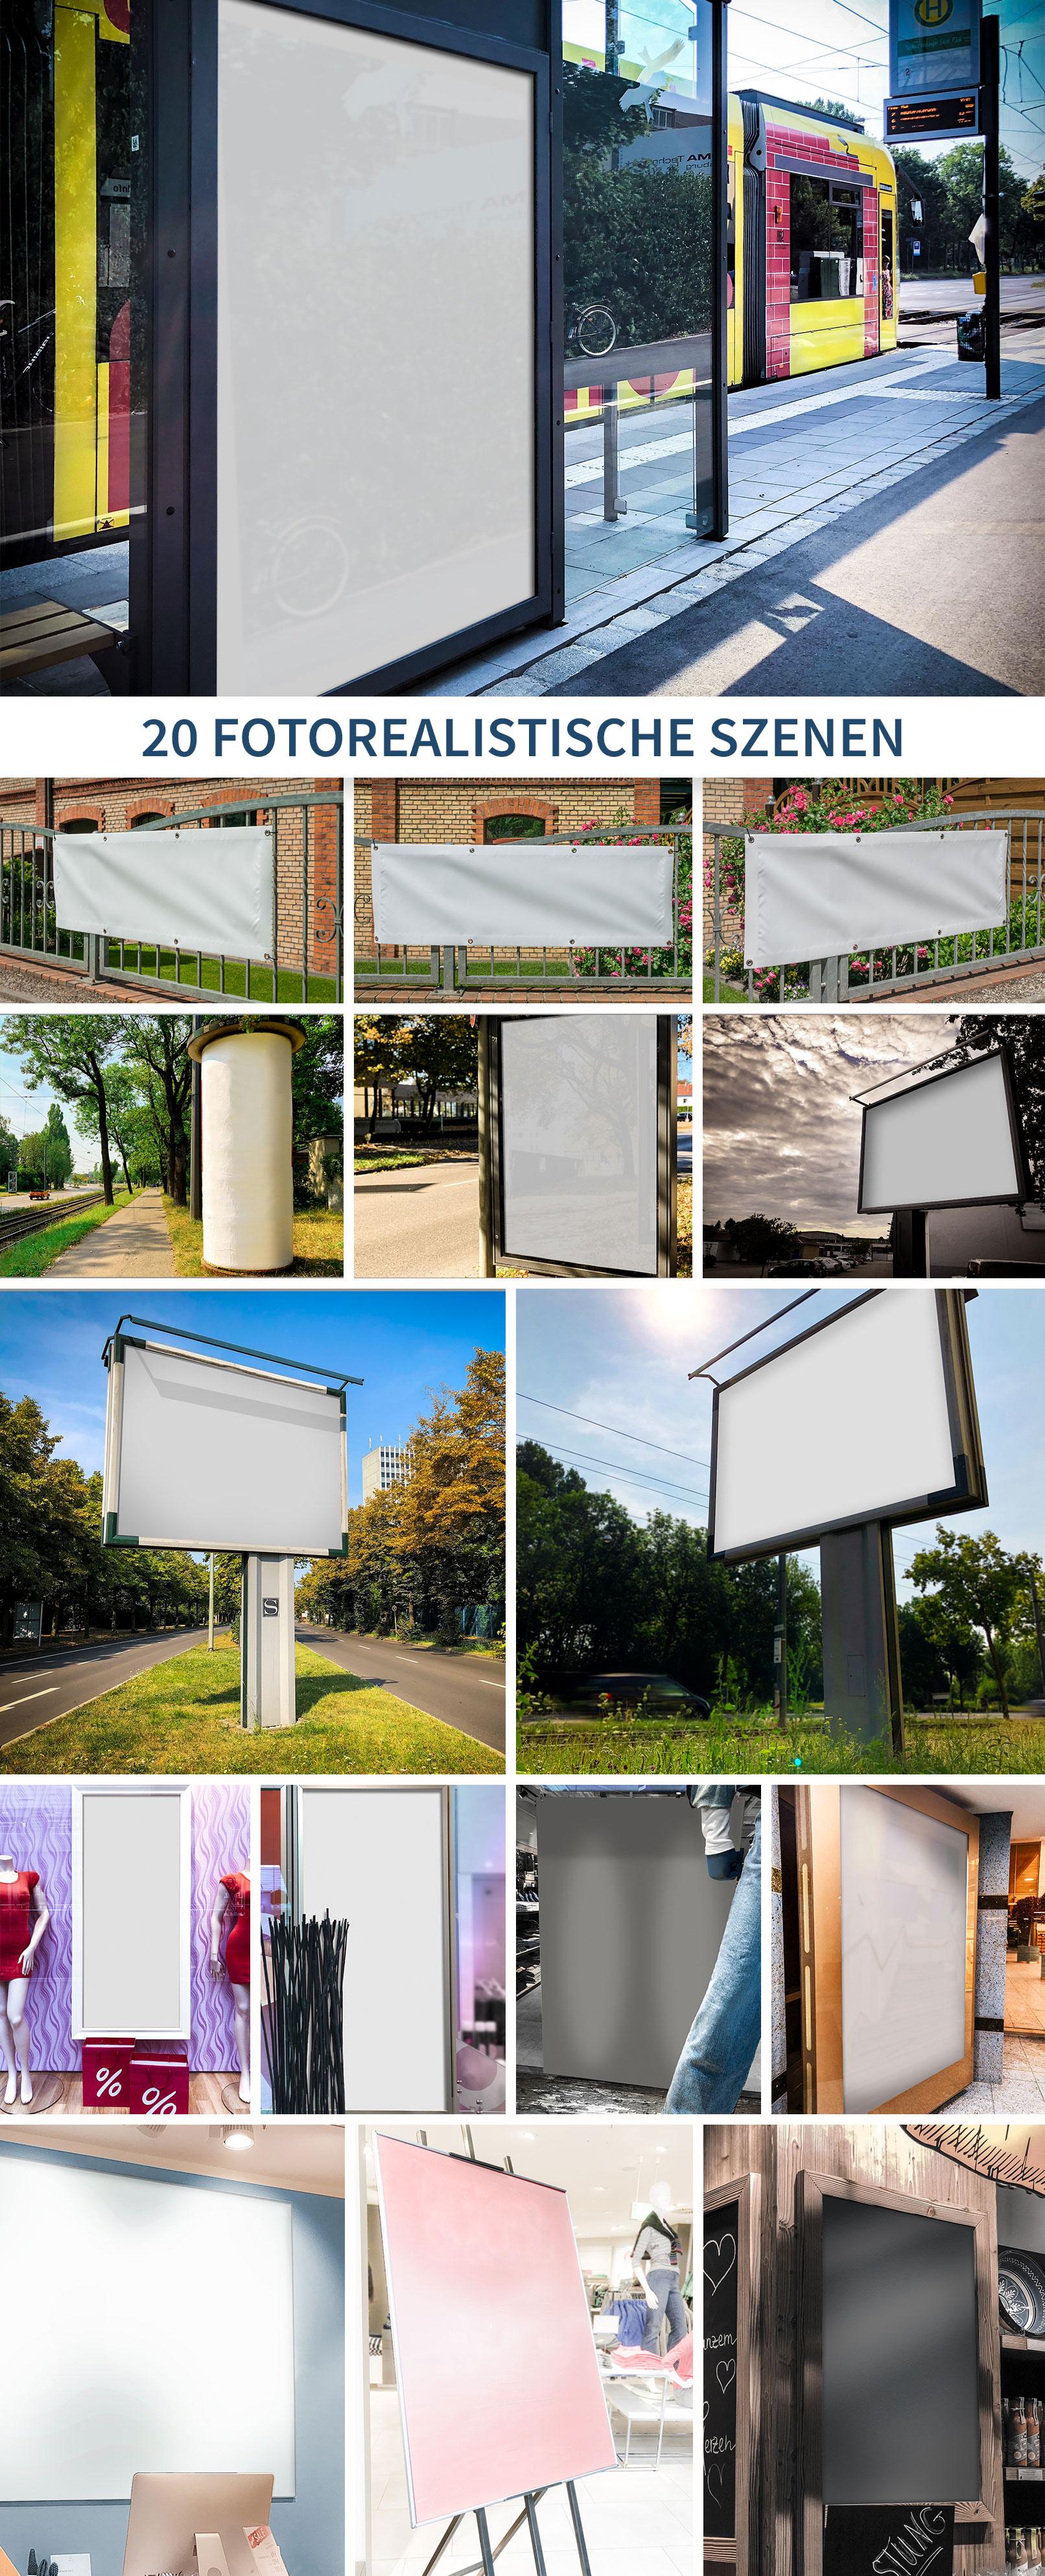 16 Mockups für Plakate und Banner in der Stadt, in Geschäften